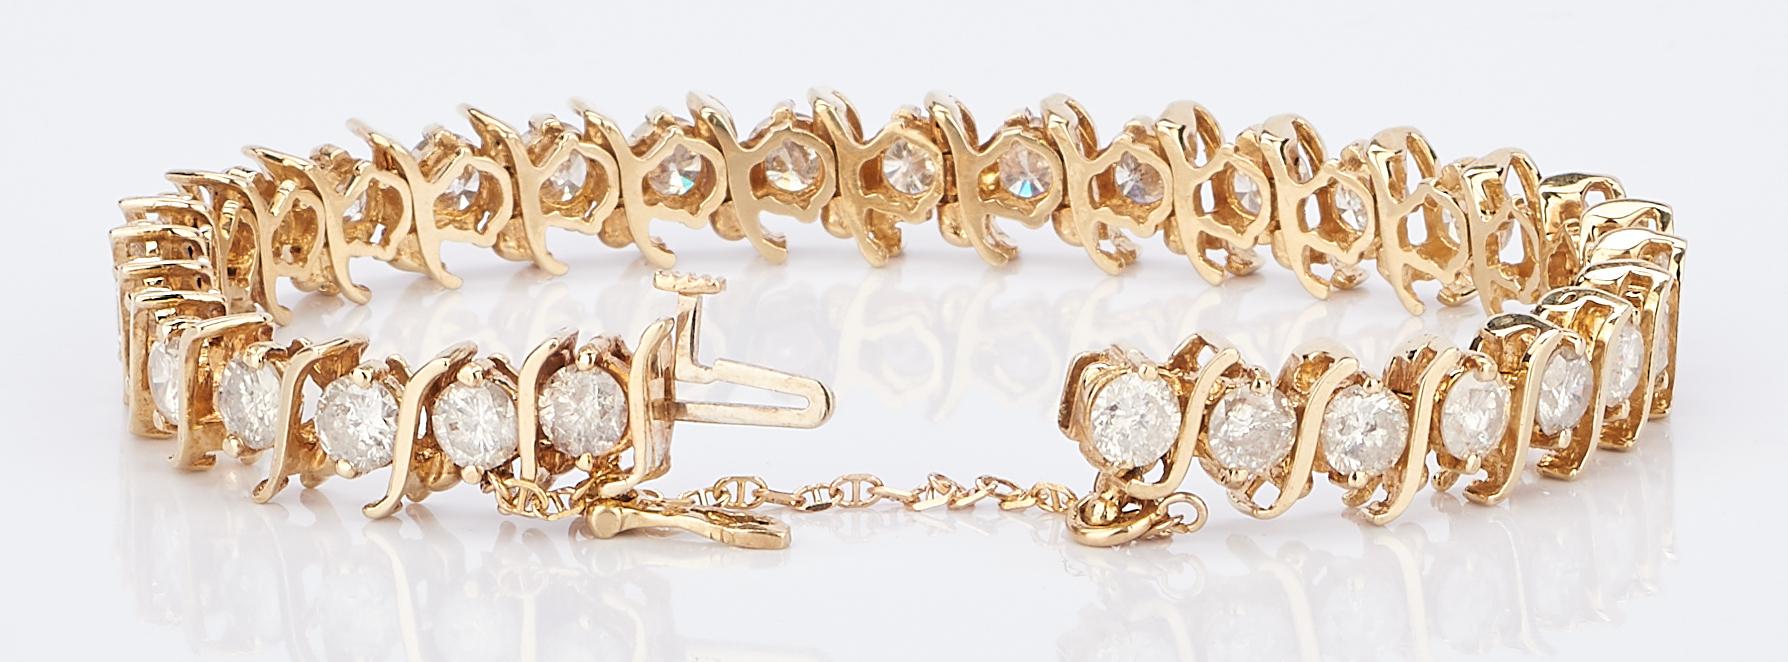 Lot 418: 14k Diamond Line Bracelet, 7.75 Carats